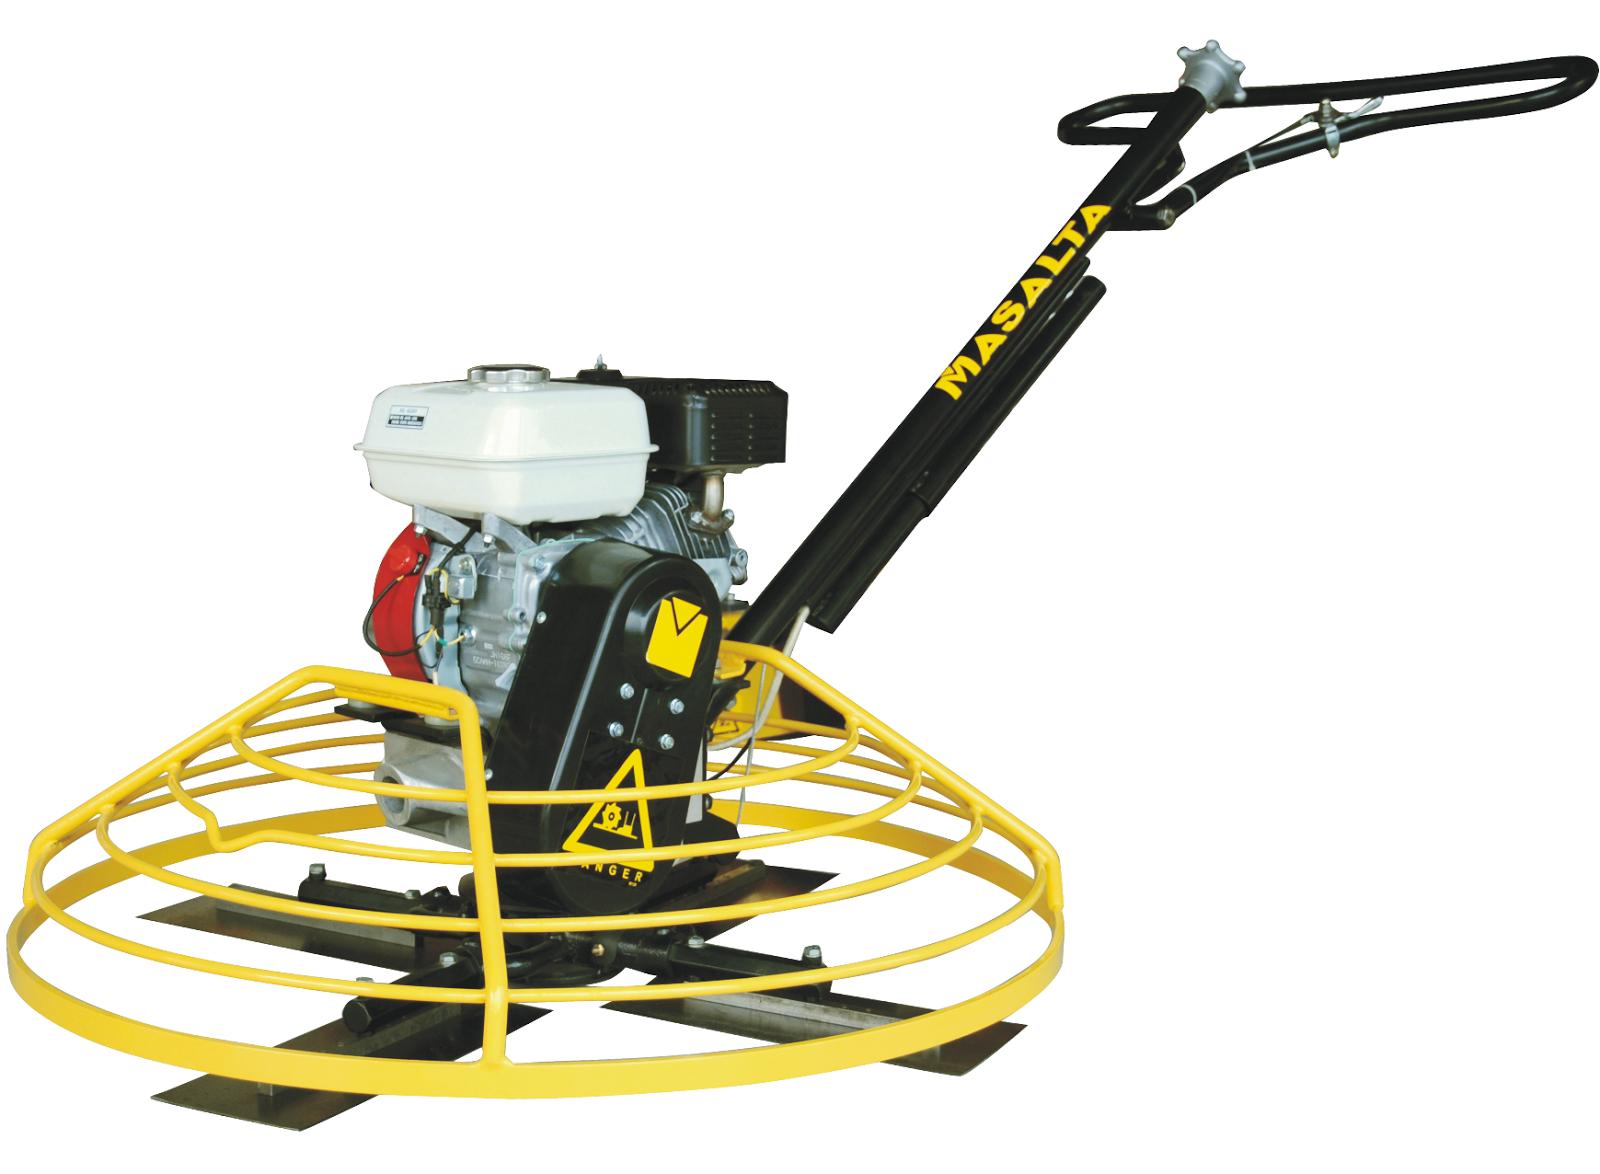 Construpro allanadora alisadora de hormig n helic ptero - Helicoptero para hormigon ...